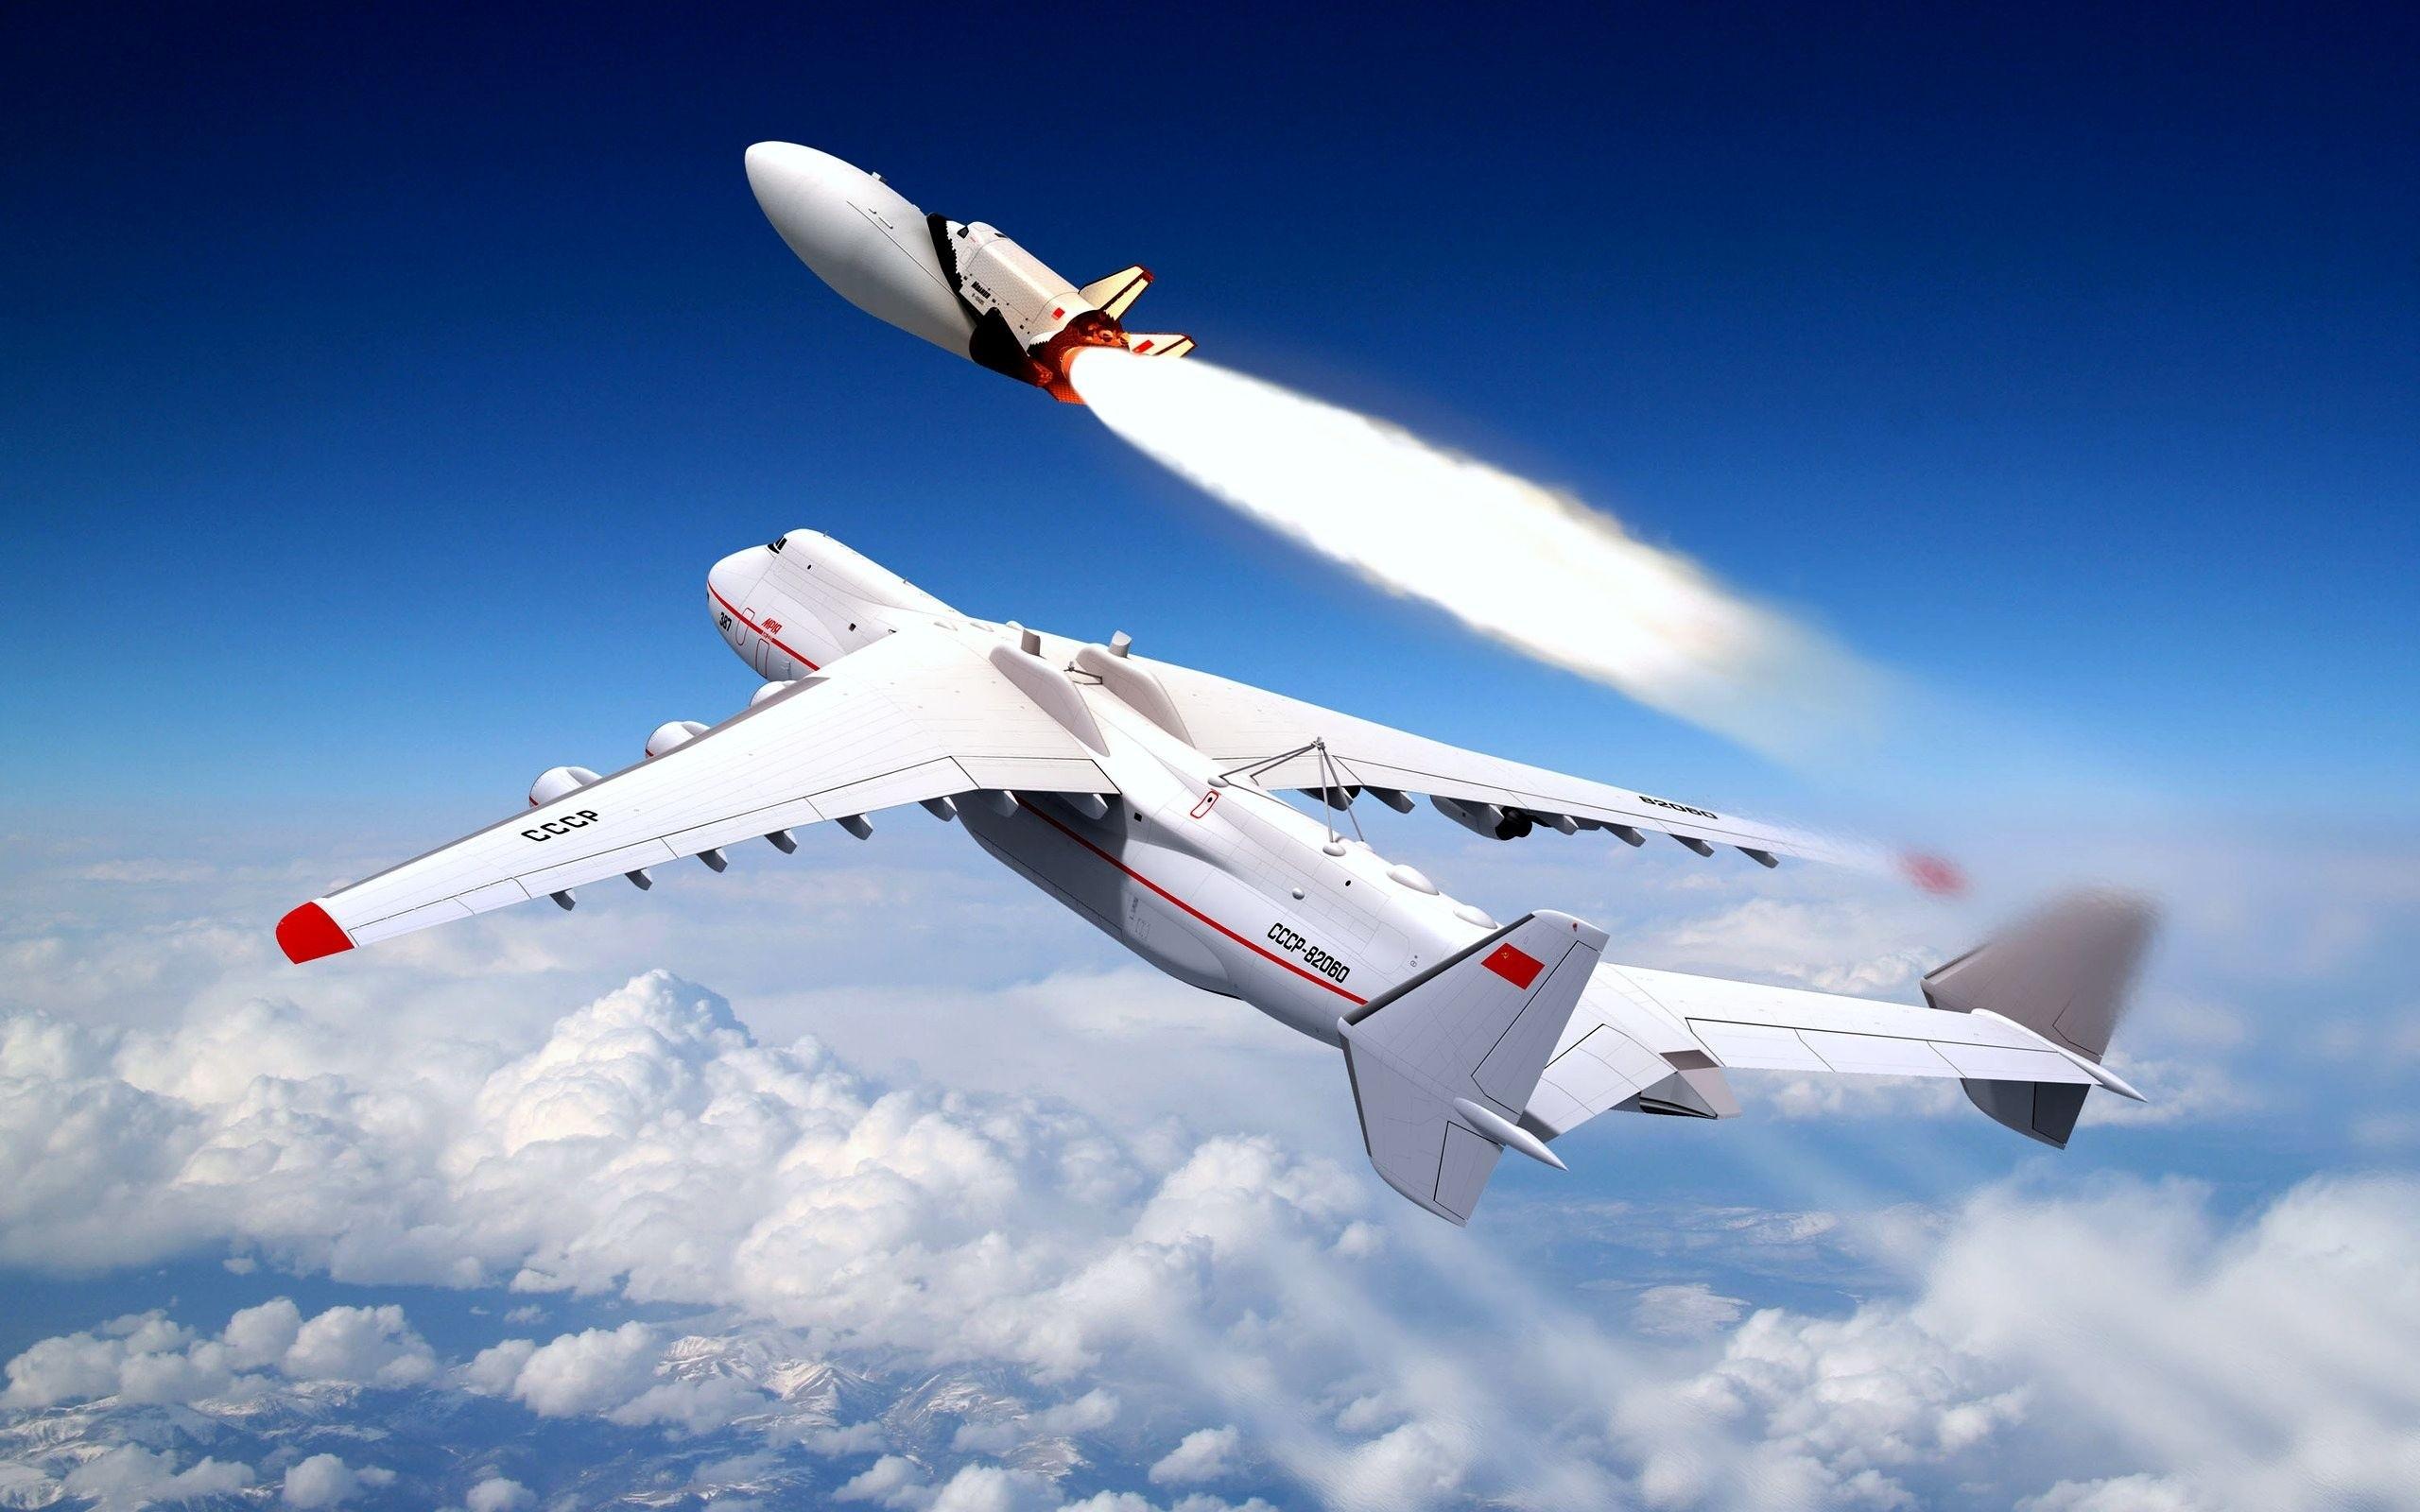 Avión Antonov An-225 - 2560x1600